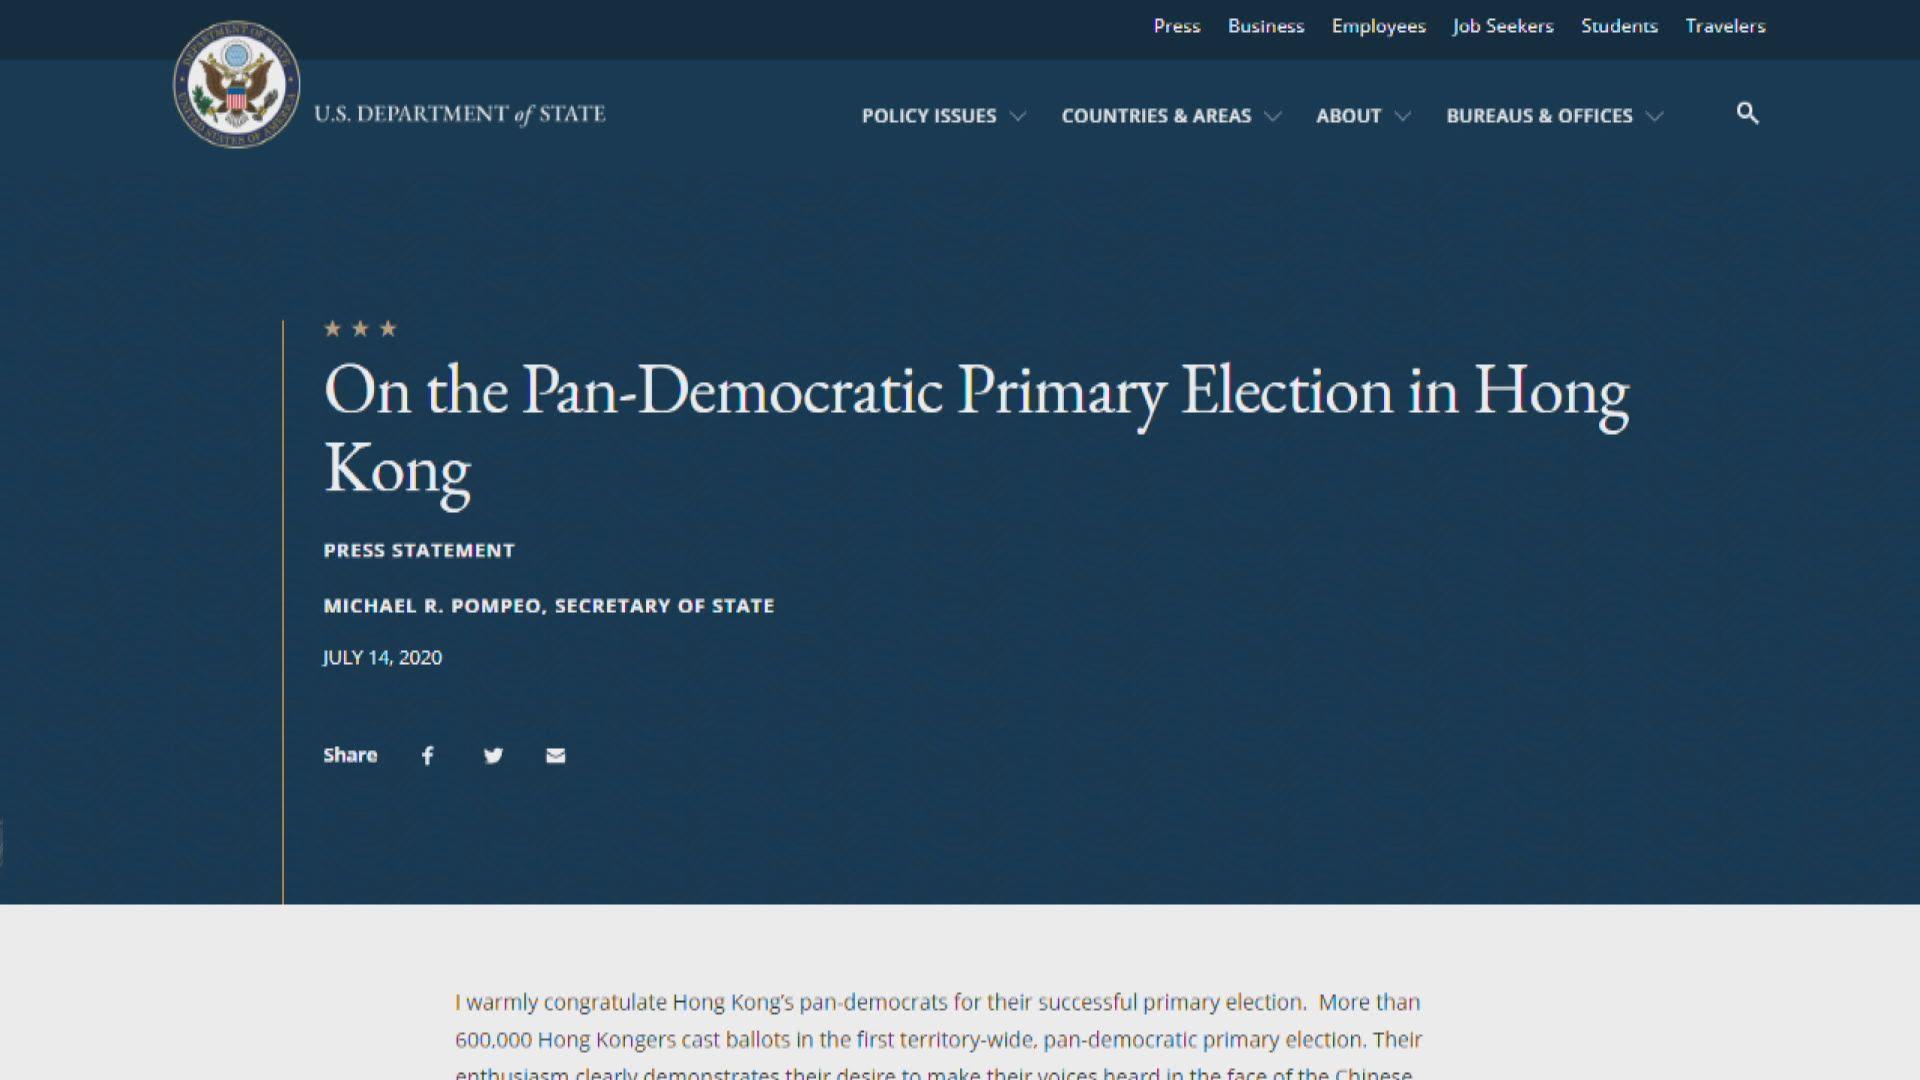 蓬佩奧祝賀民主派初選成功舉行